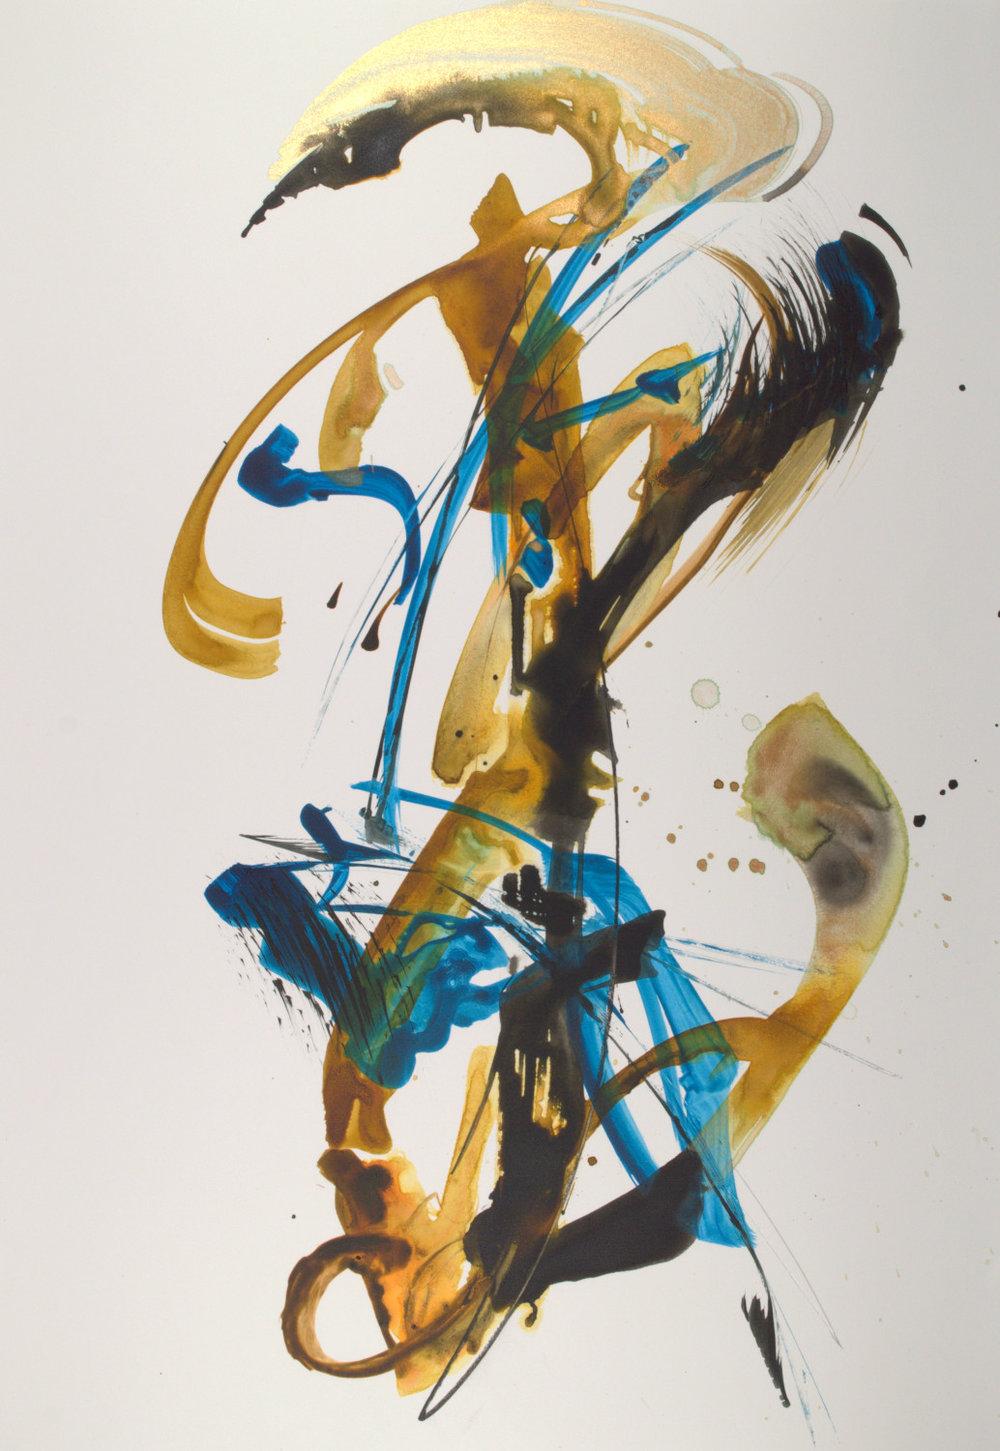 Retro Abstract IX - 13x9 - available